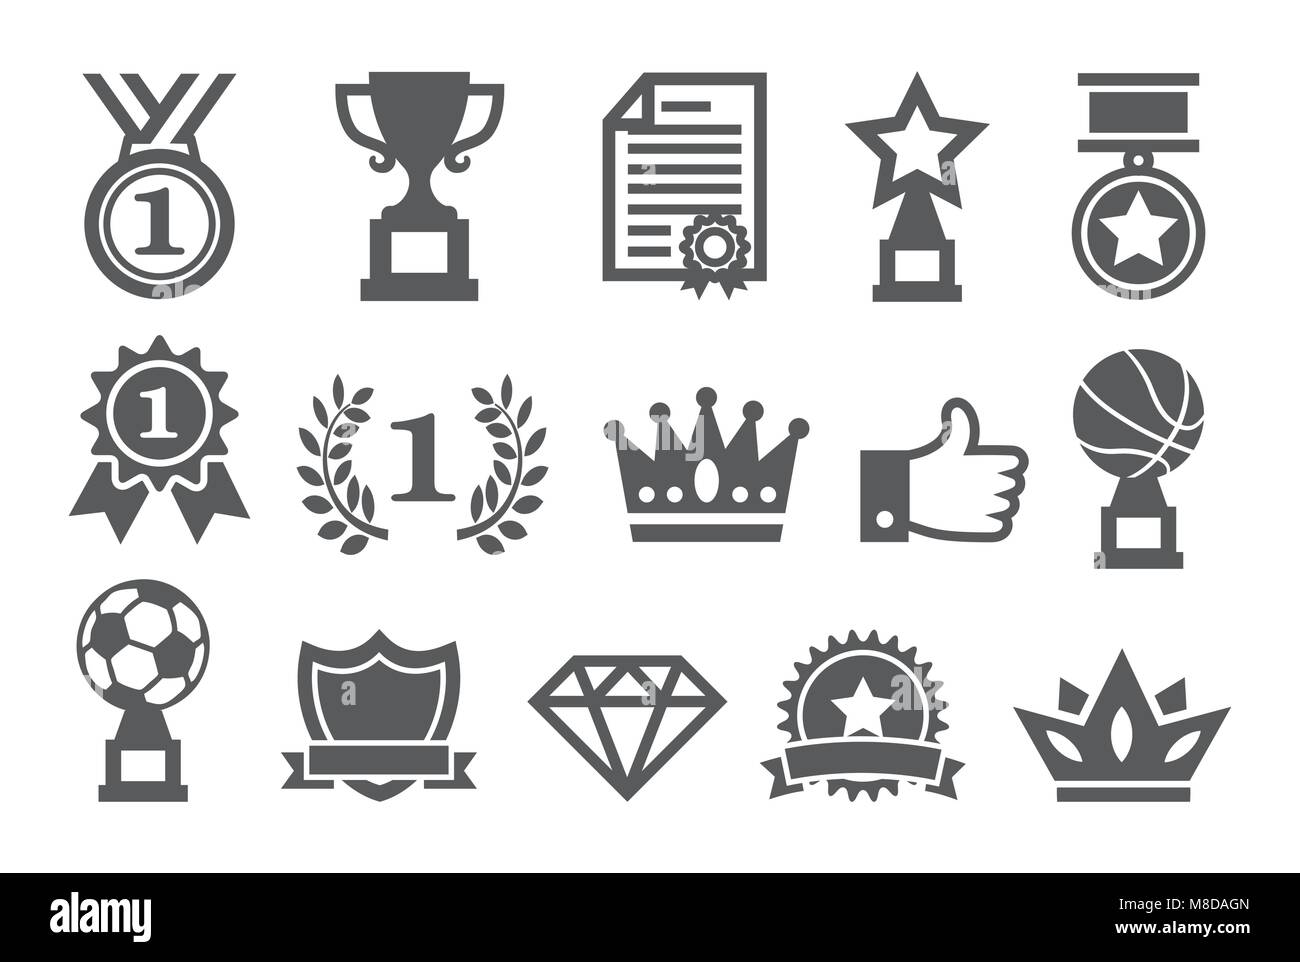 Premi set di icone Immagini Stock